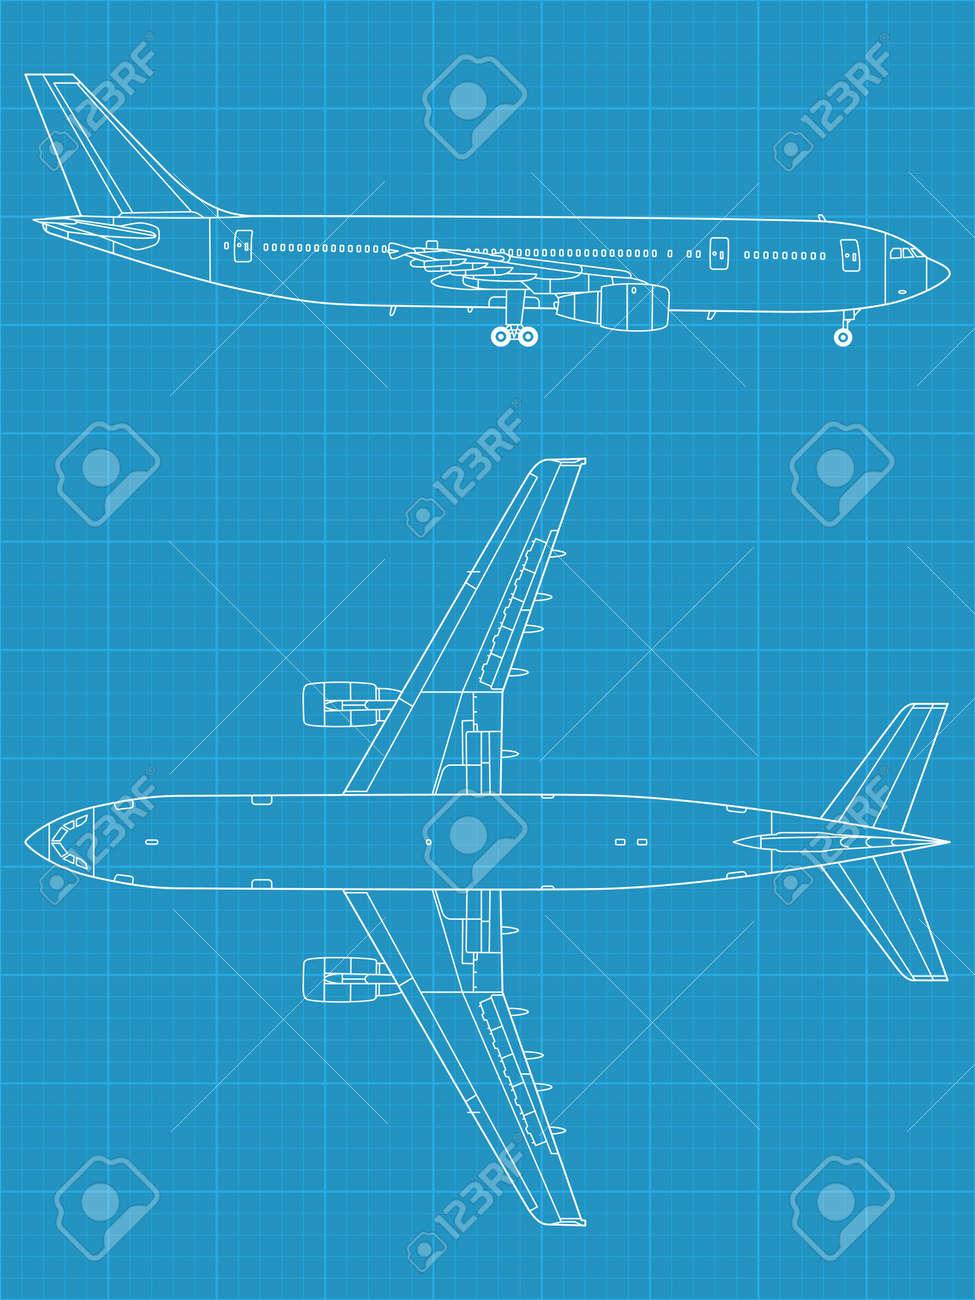 7a154a9953ac Banque d images - Haute illustration vectorielle détaillée de l avion  civile moderne - vue de dessus et de côté